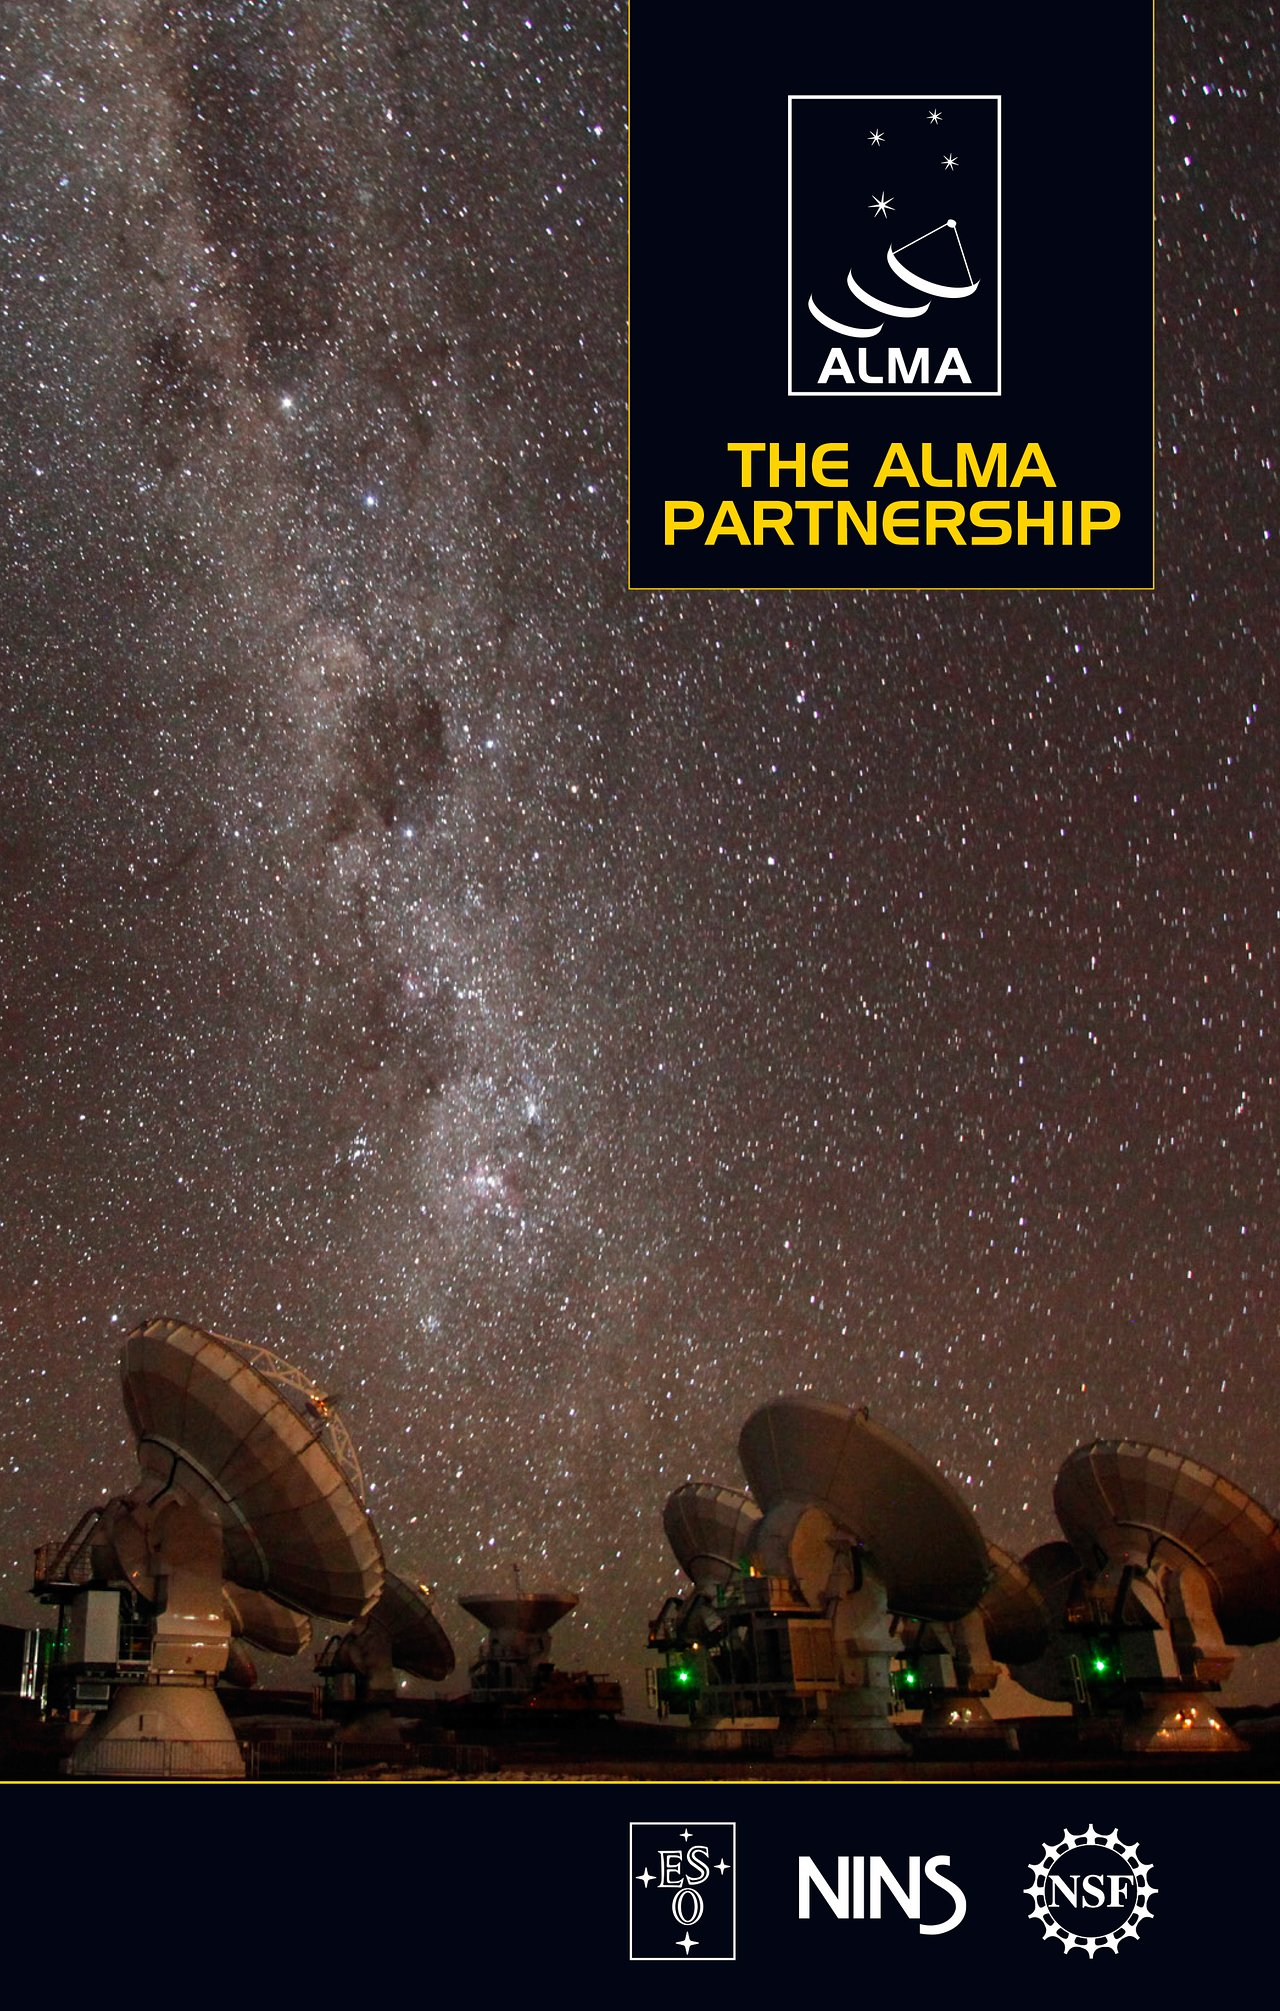 Titelseite der Broschüre zur ALMA-Partnerschaft